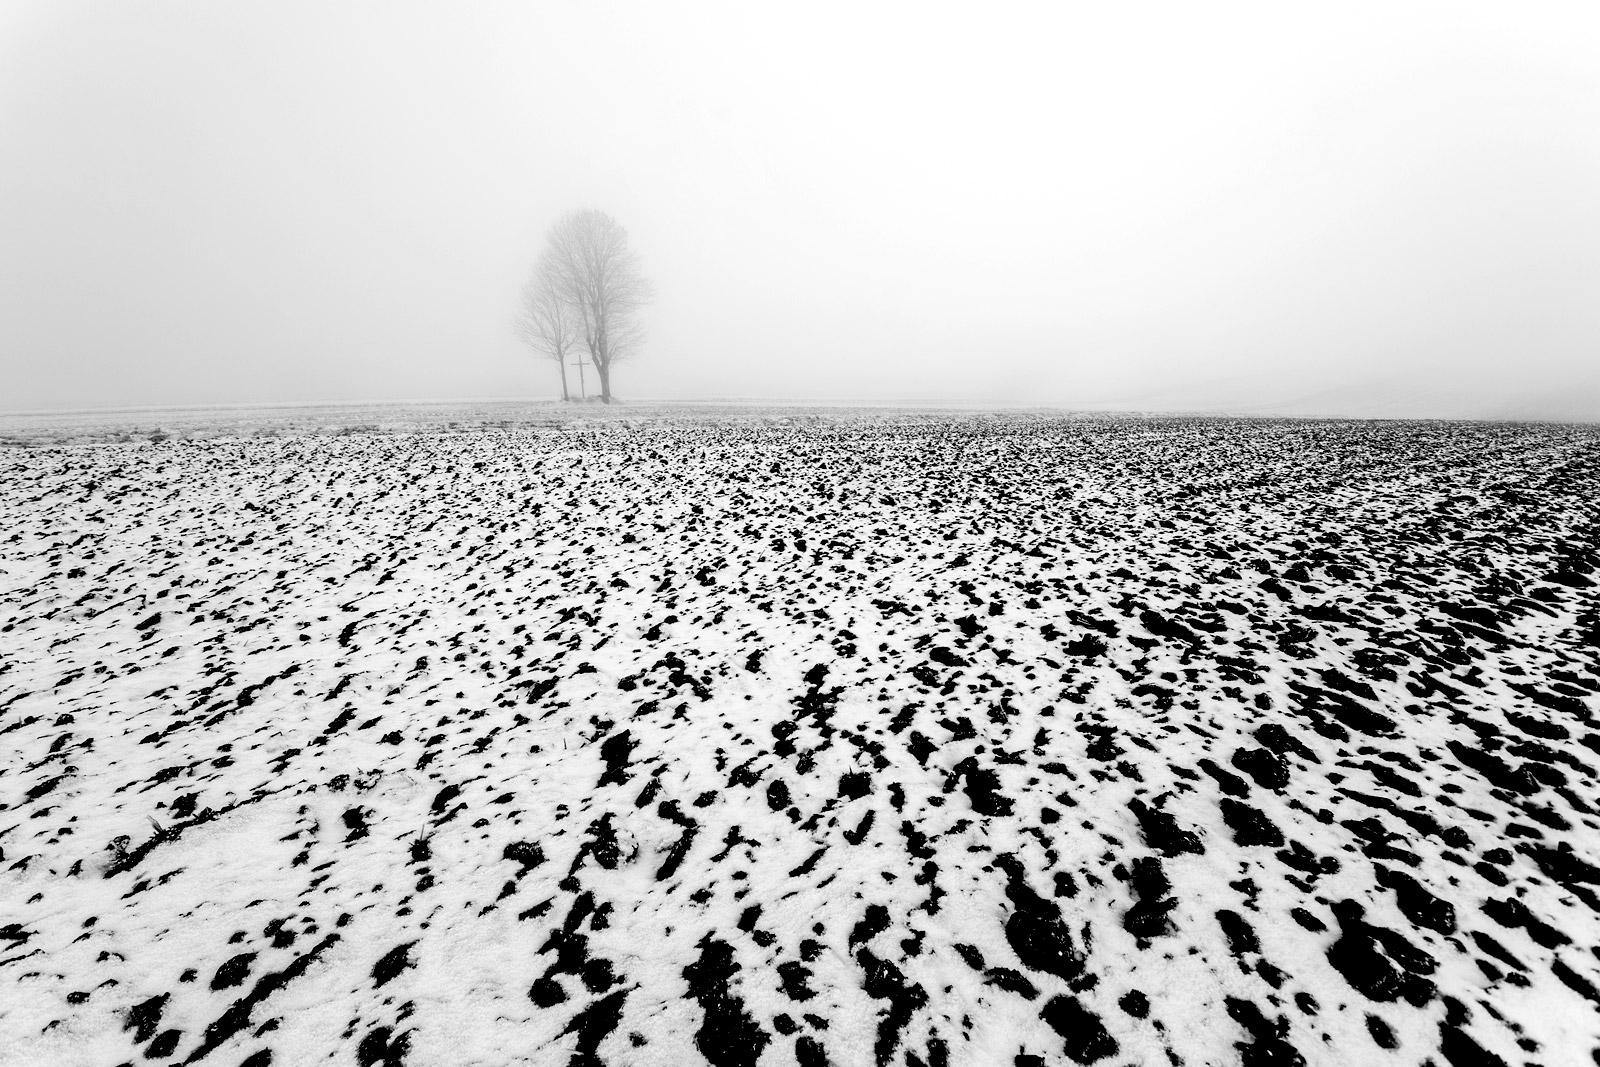 magda-chudzik-black-and-white-landscape-photography-65